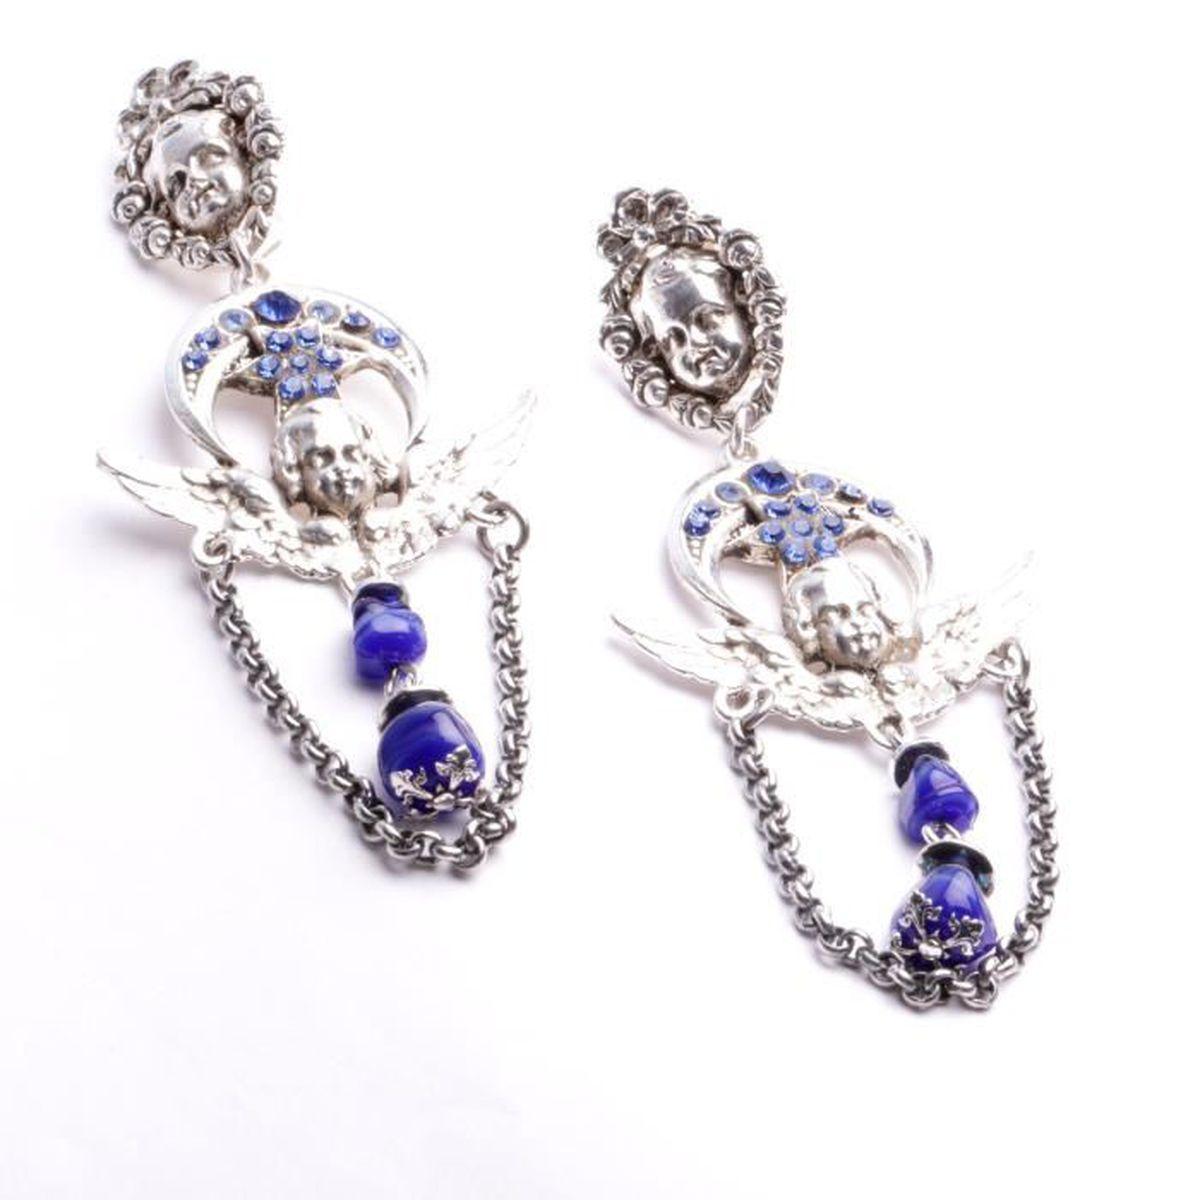 boucle d oreille argent e longues clips motif ange strass swarovski bleu cr ation bijou fait. Black Bedroom Furniture Sets. Home Design Ideas